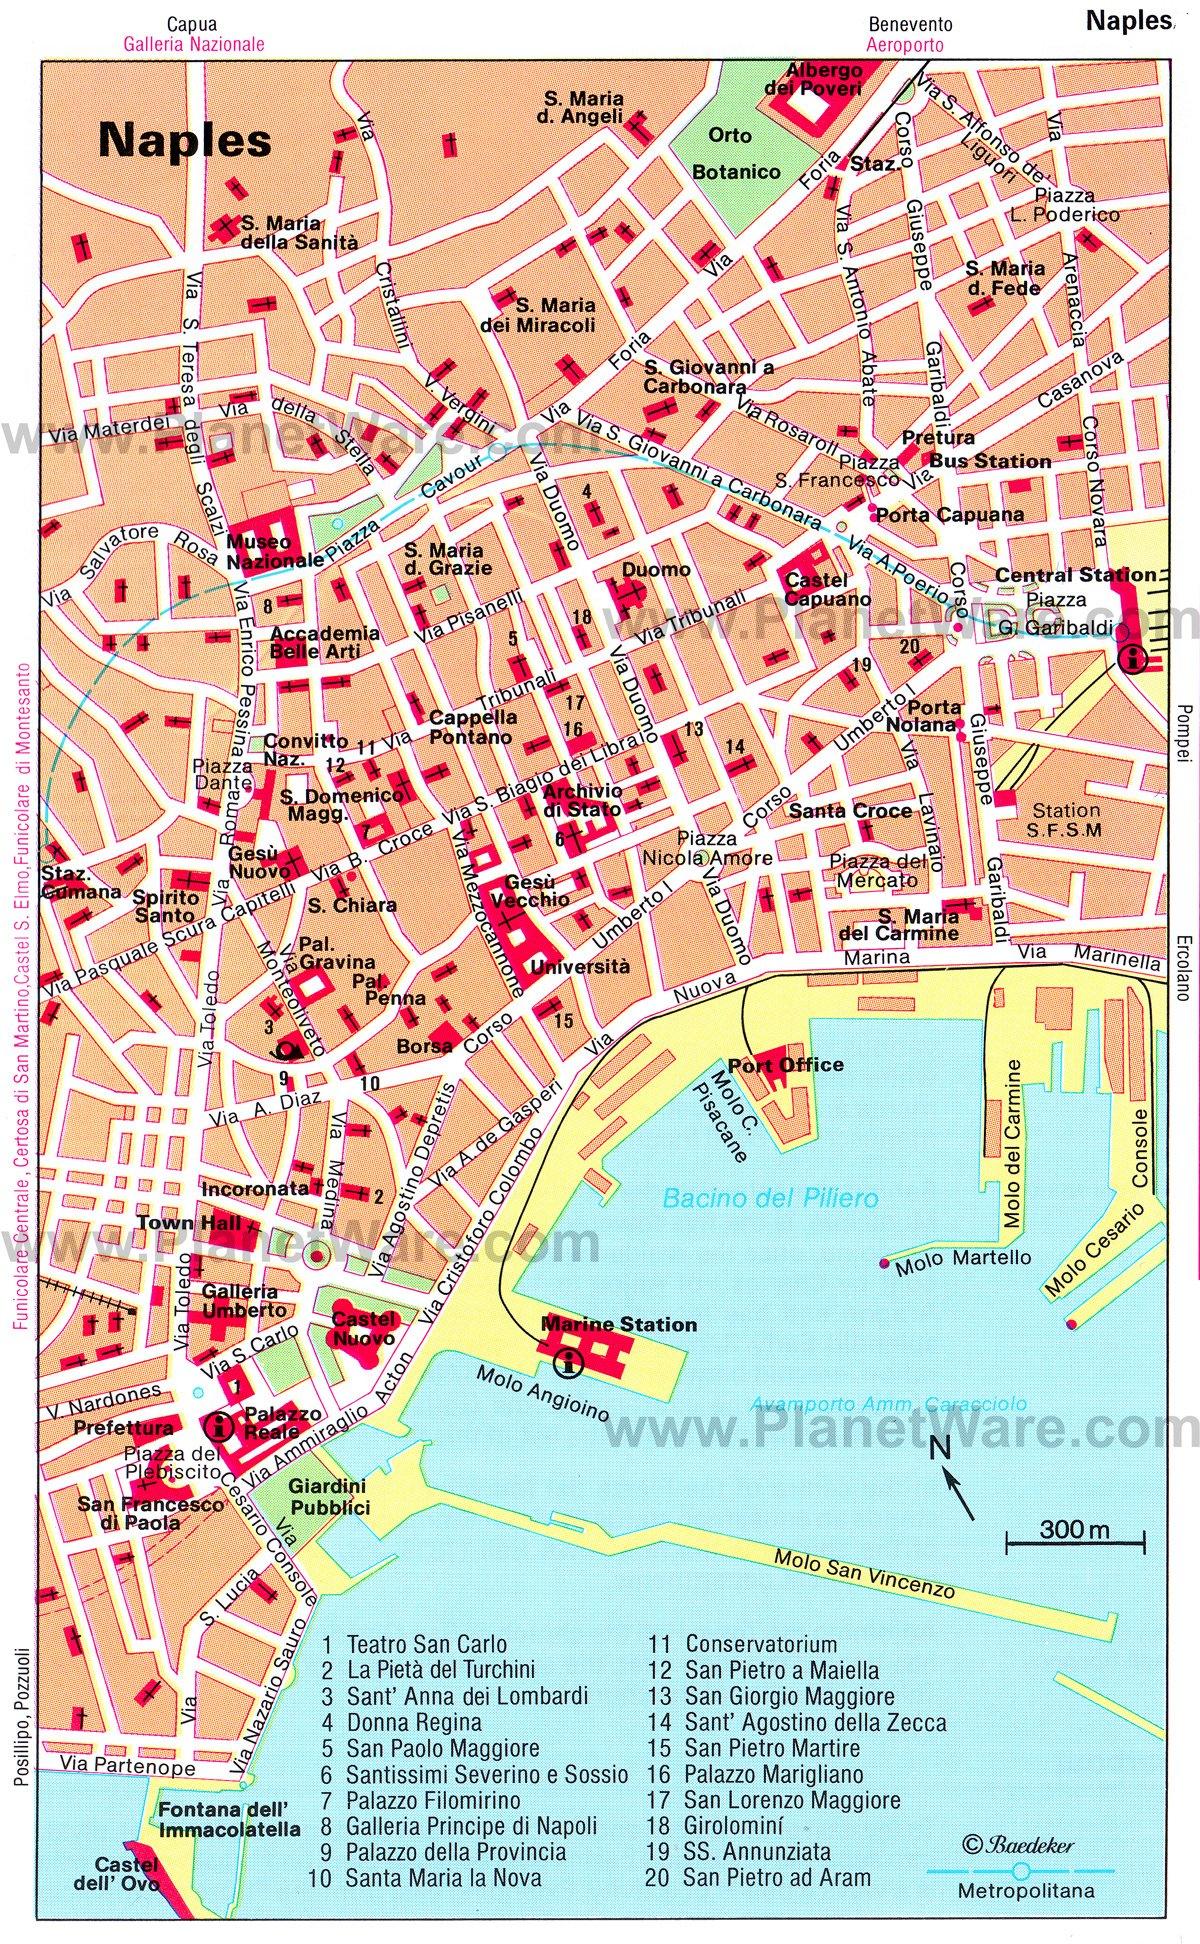 歐洲各大旅游城市高品質地圖-自助游第一步~ _濟南羊小坤在臺灣但想重返大巴黎_新浪博客